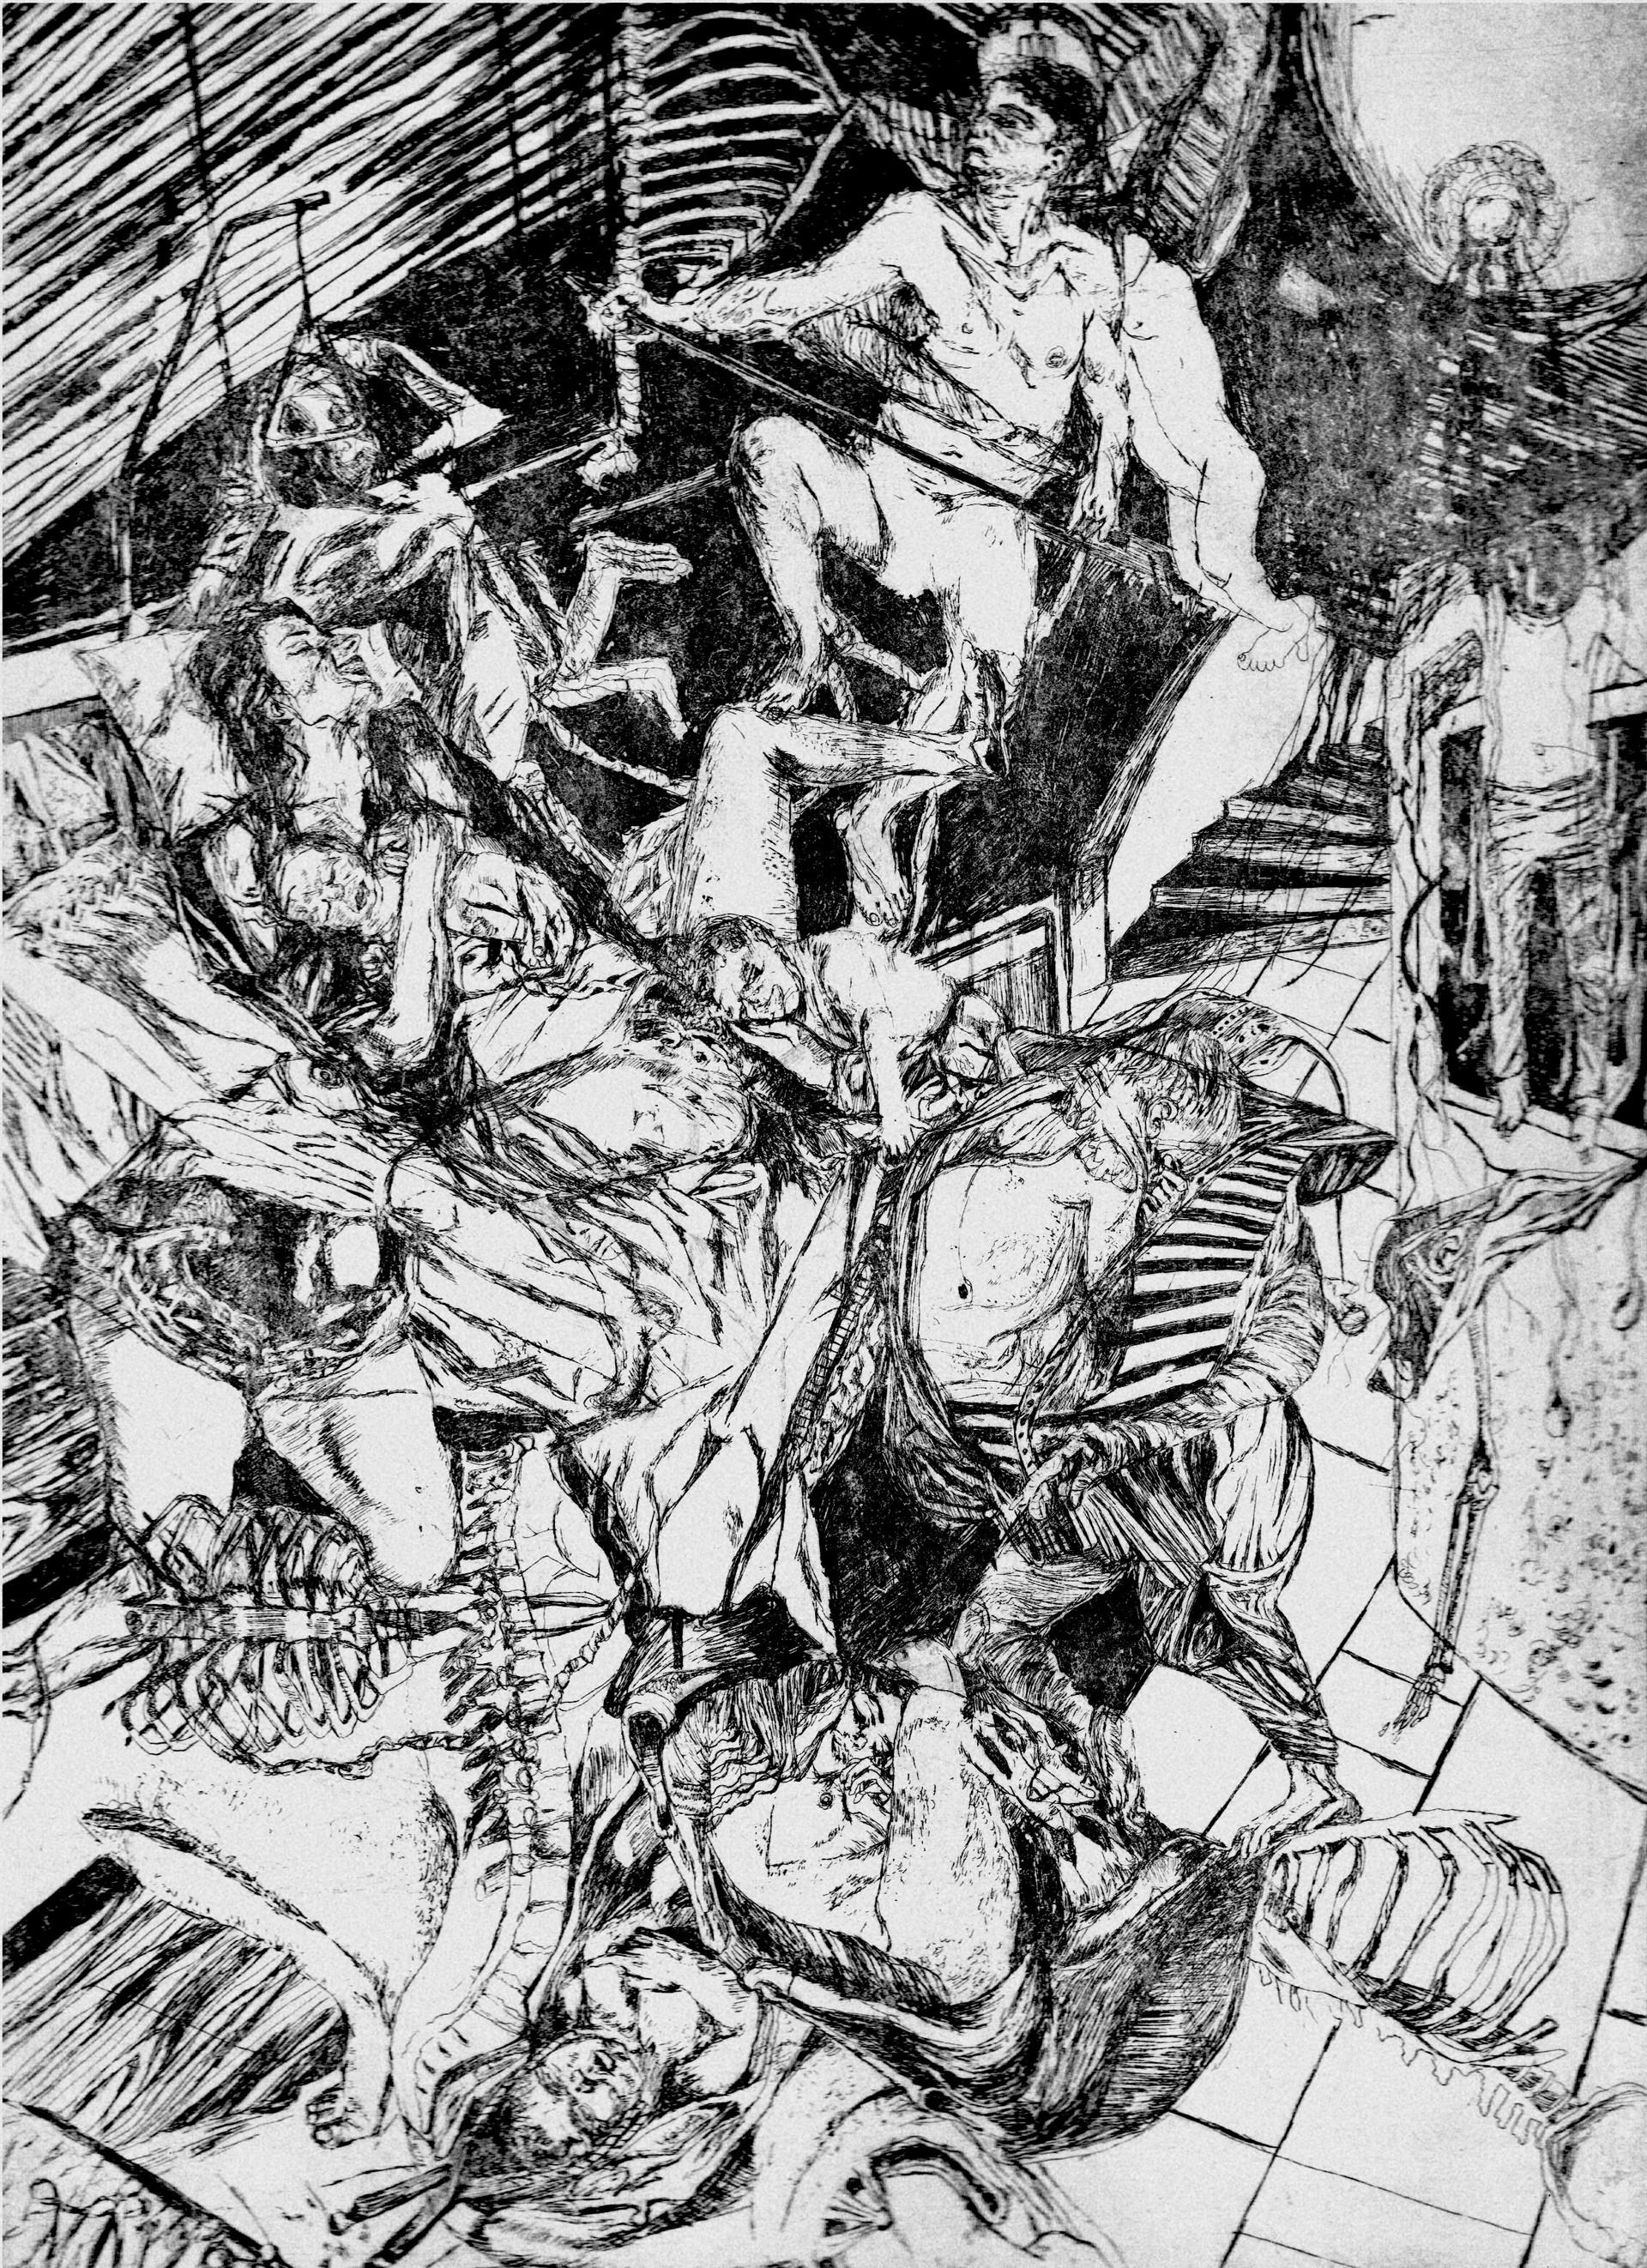 Gestation # 3, etching, 30 x 20 cm, 2014